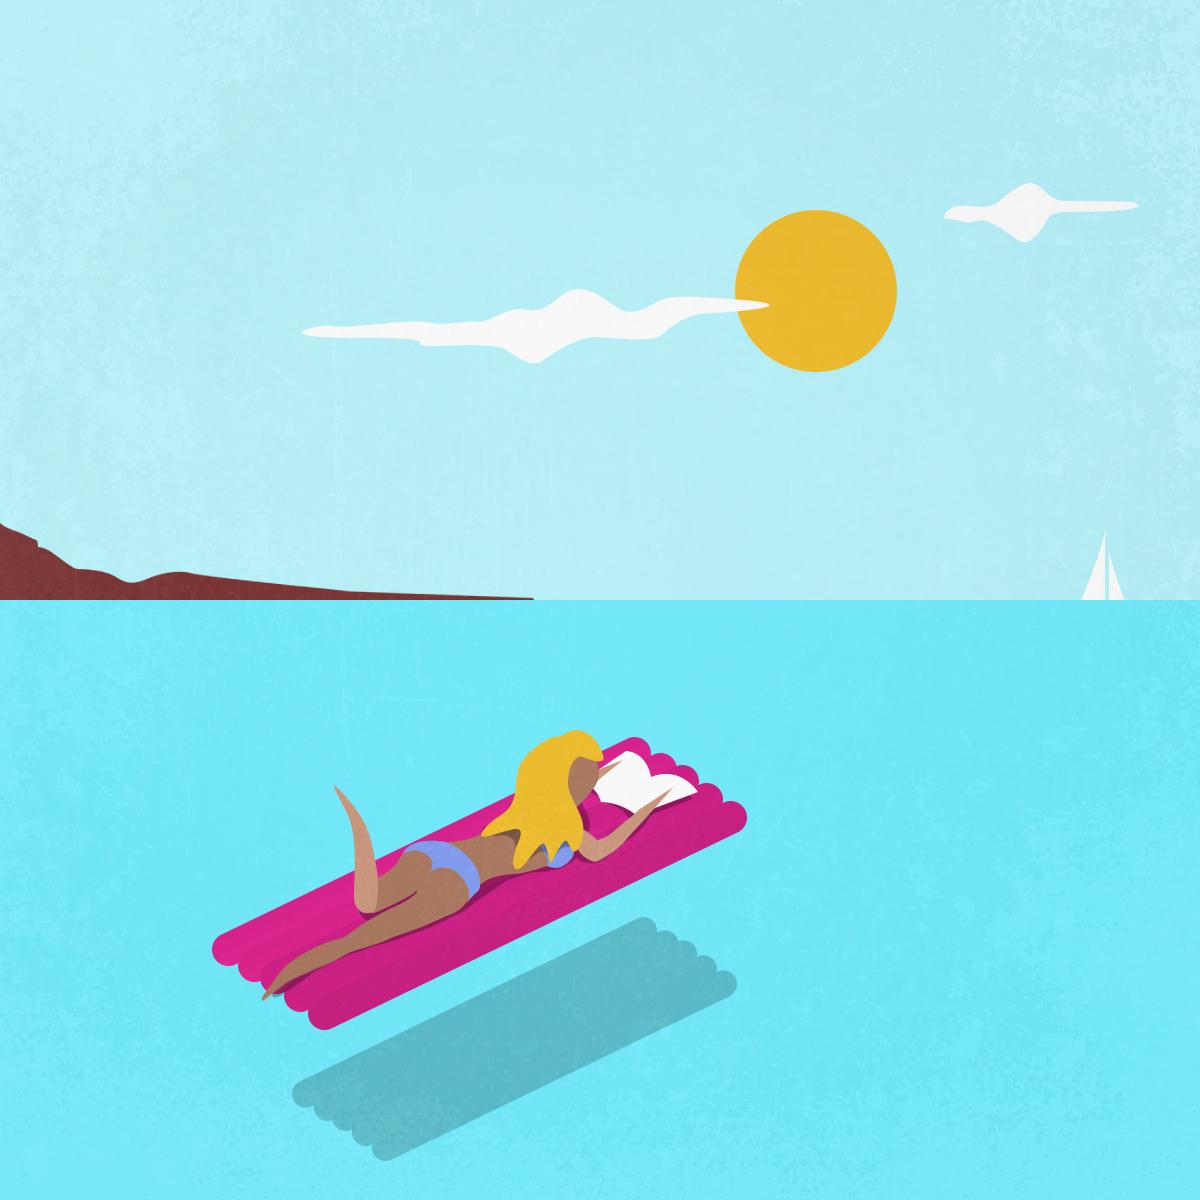 il libraio illustrazioni chaubet nicola estate